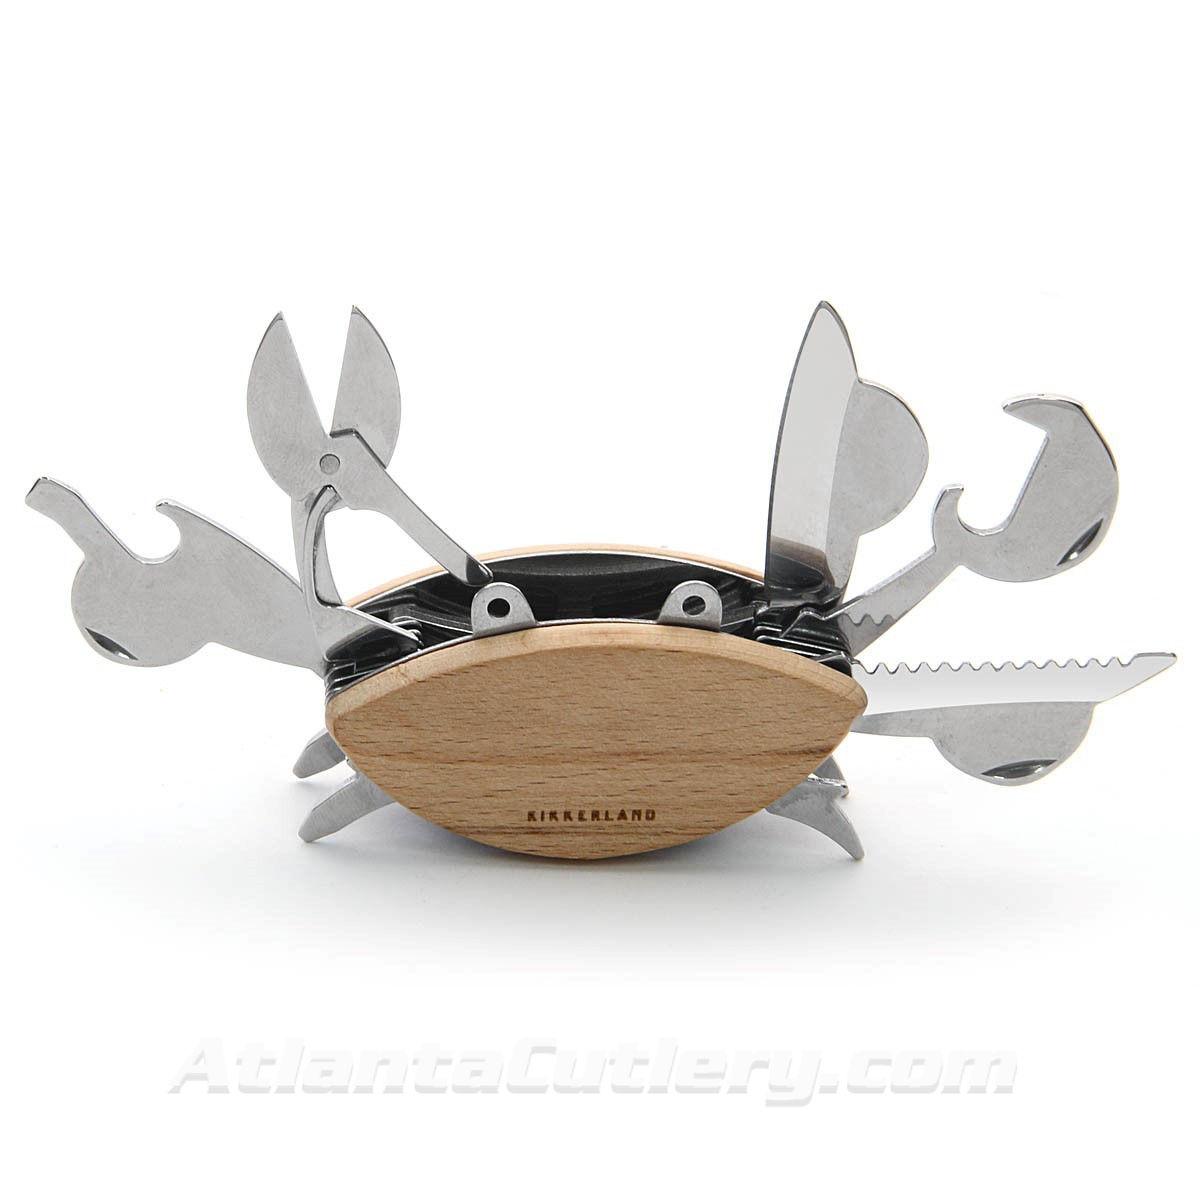 Kikkerland Crab Multi-Tool